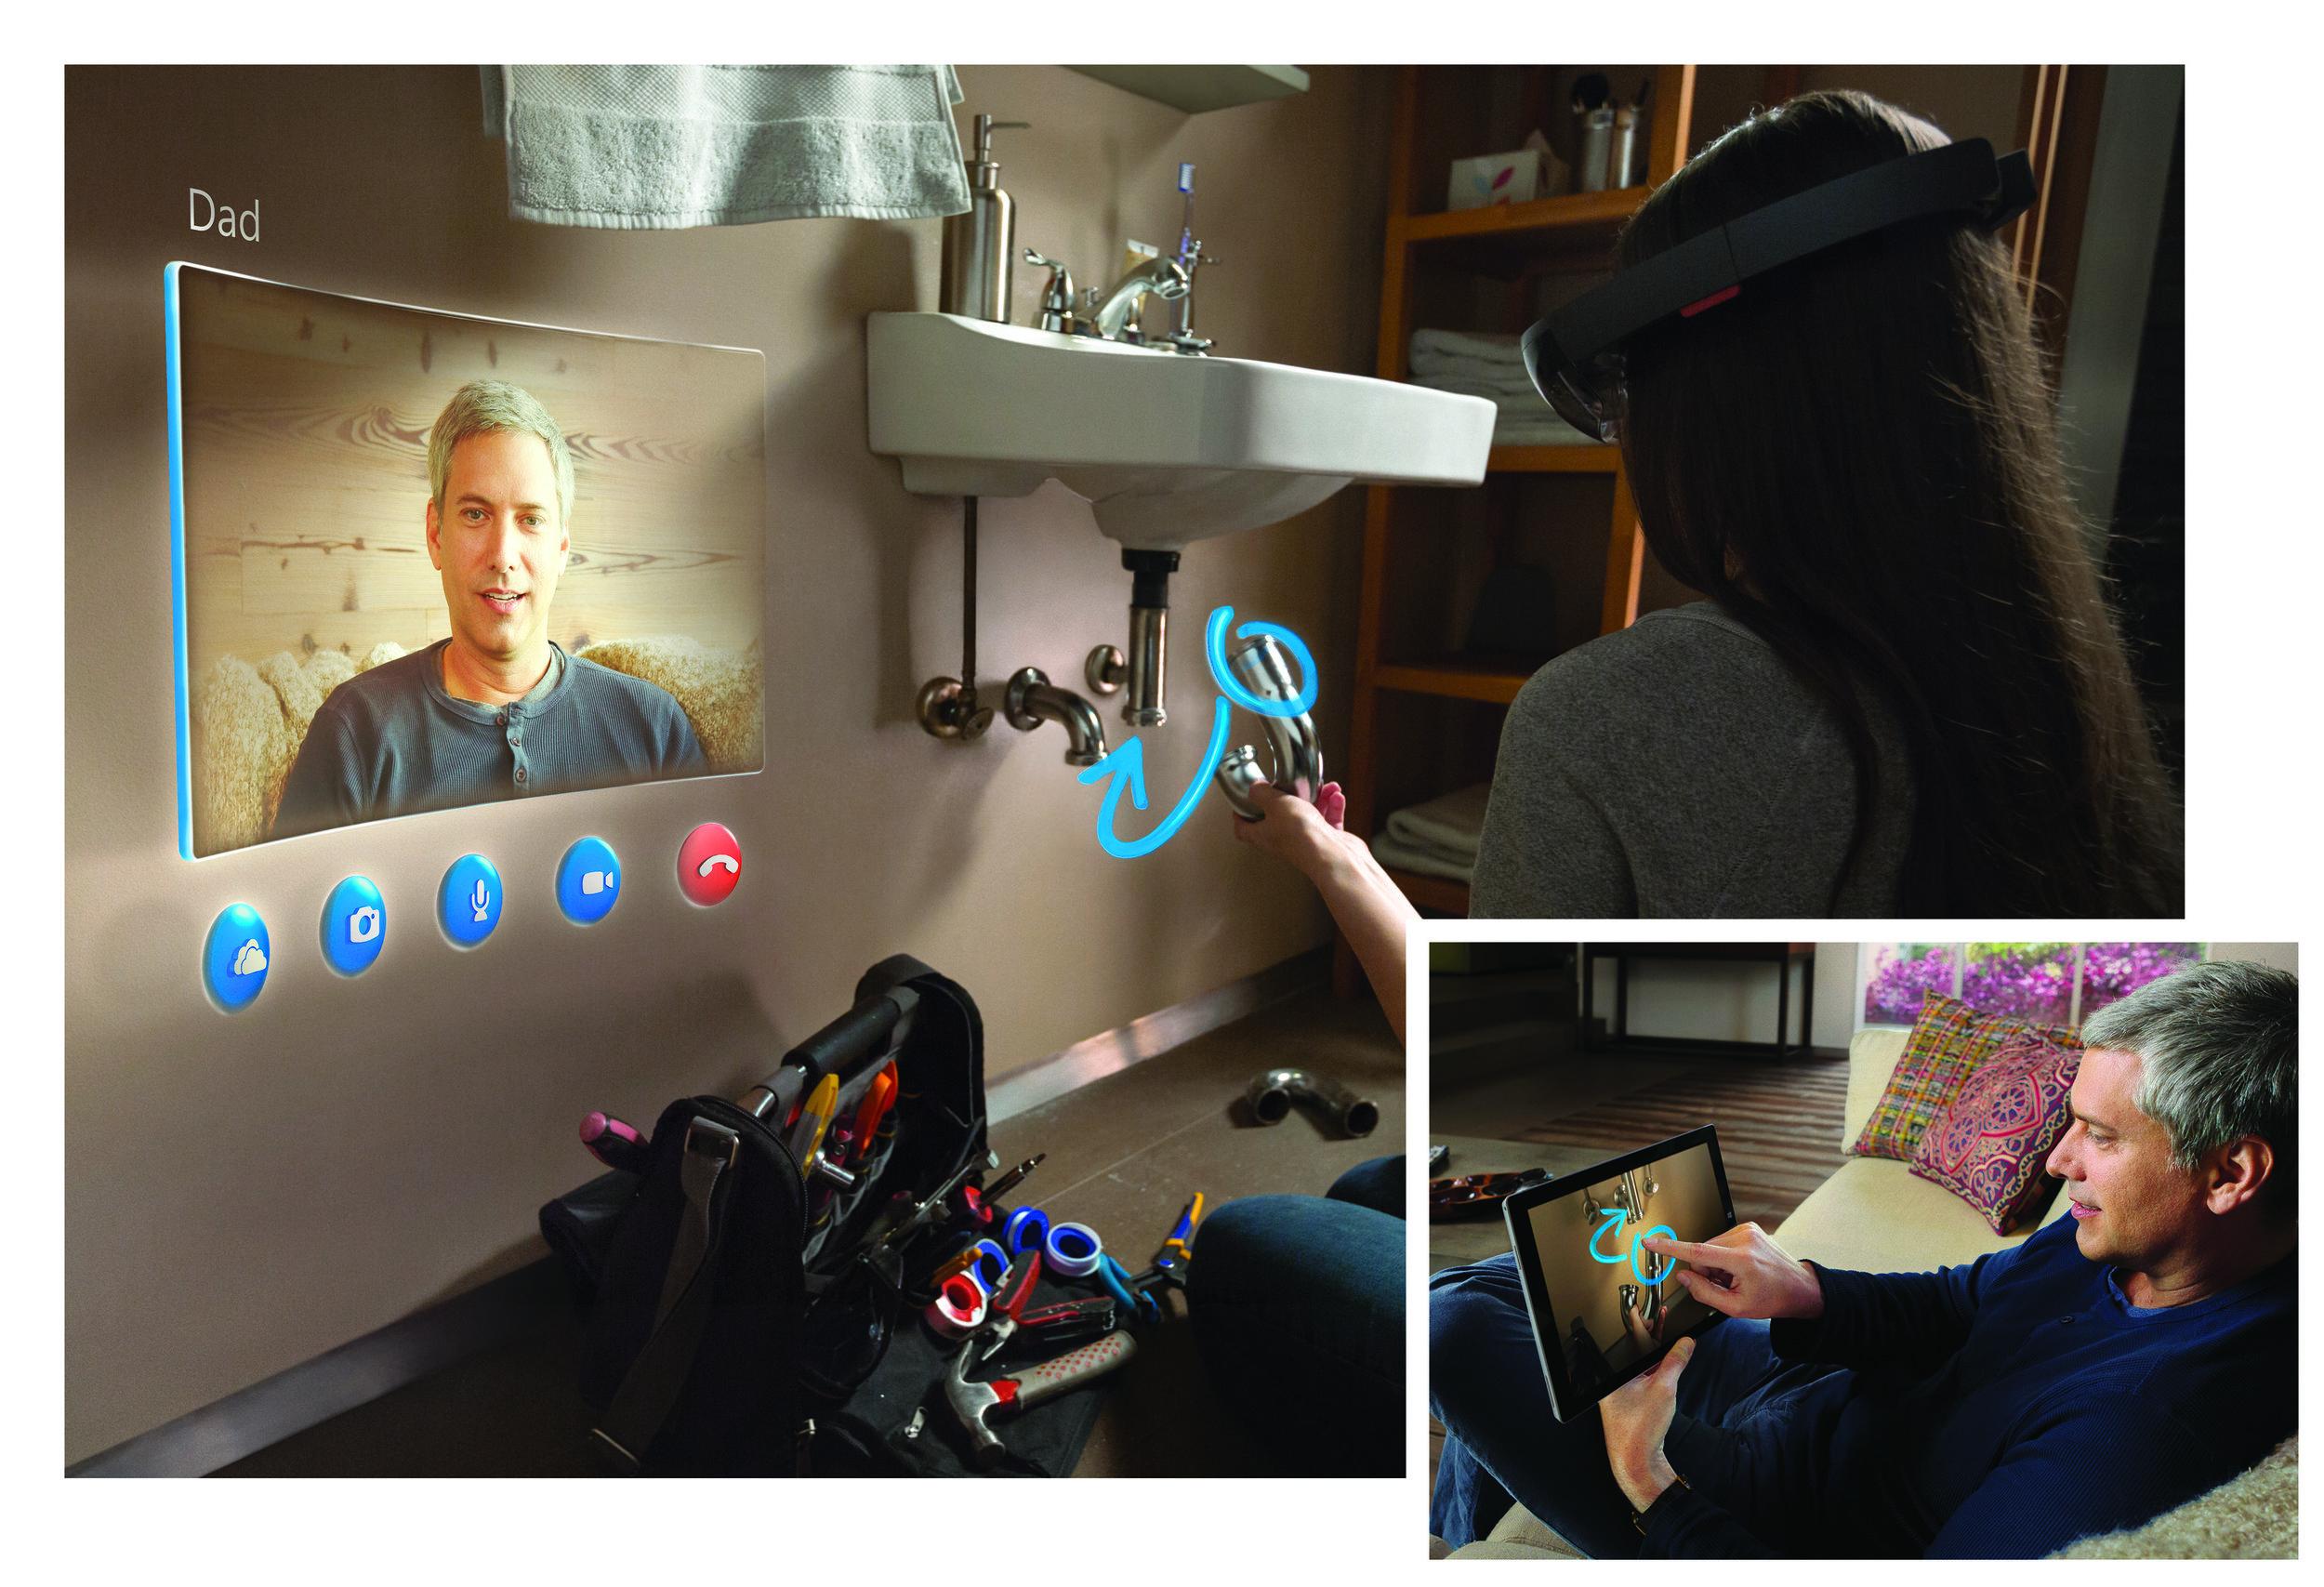 I framtiden kommer möjligheterna och sättet vi använder VR-tekniken utvecklas snabbt och då krävs det mycket kompetent arbetskraft med egna idéer på marknaden.